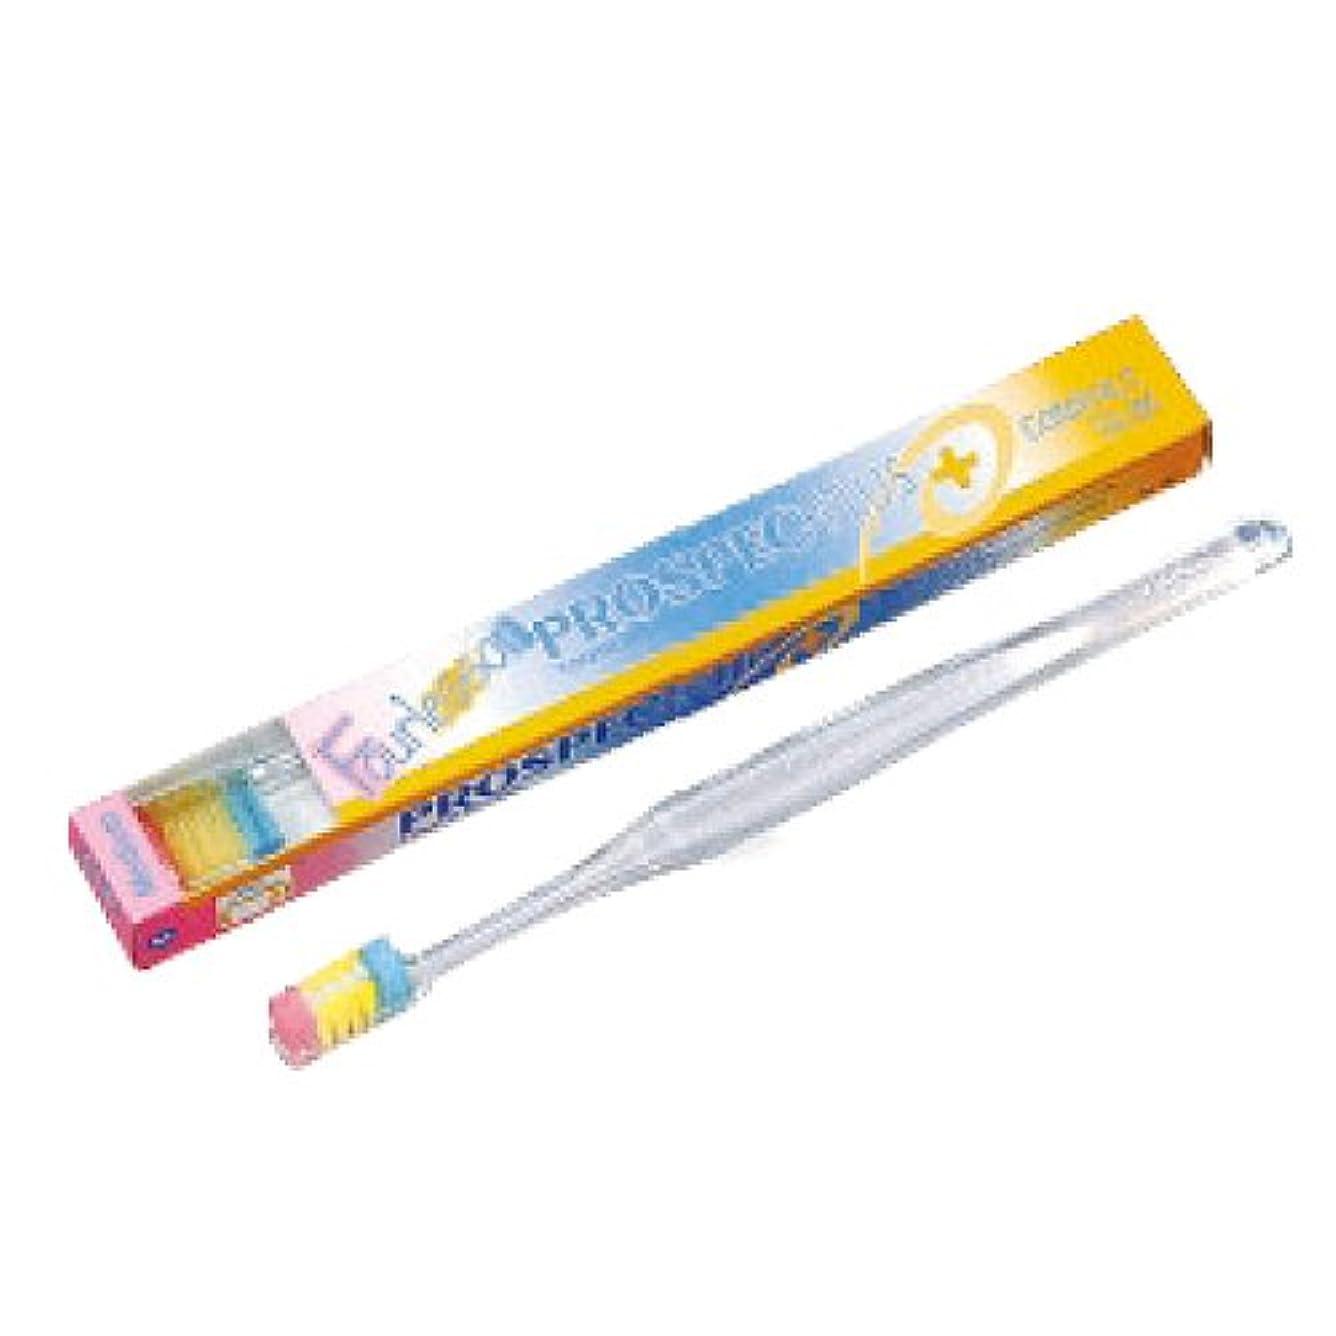 書く無限大非難するプロスペック 歯ブラシ コンパクトスリム 1本 フォーレッスン 毛の硬さ ふつう